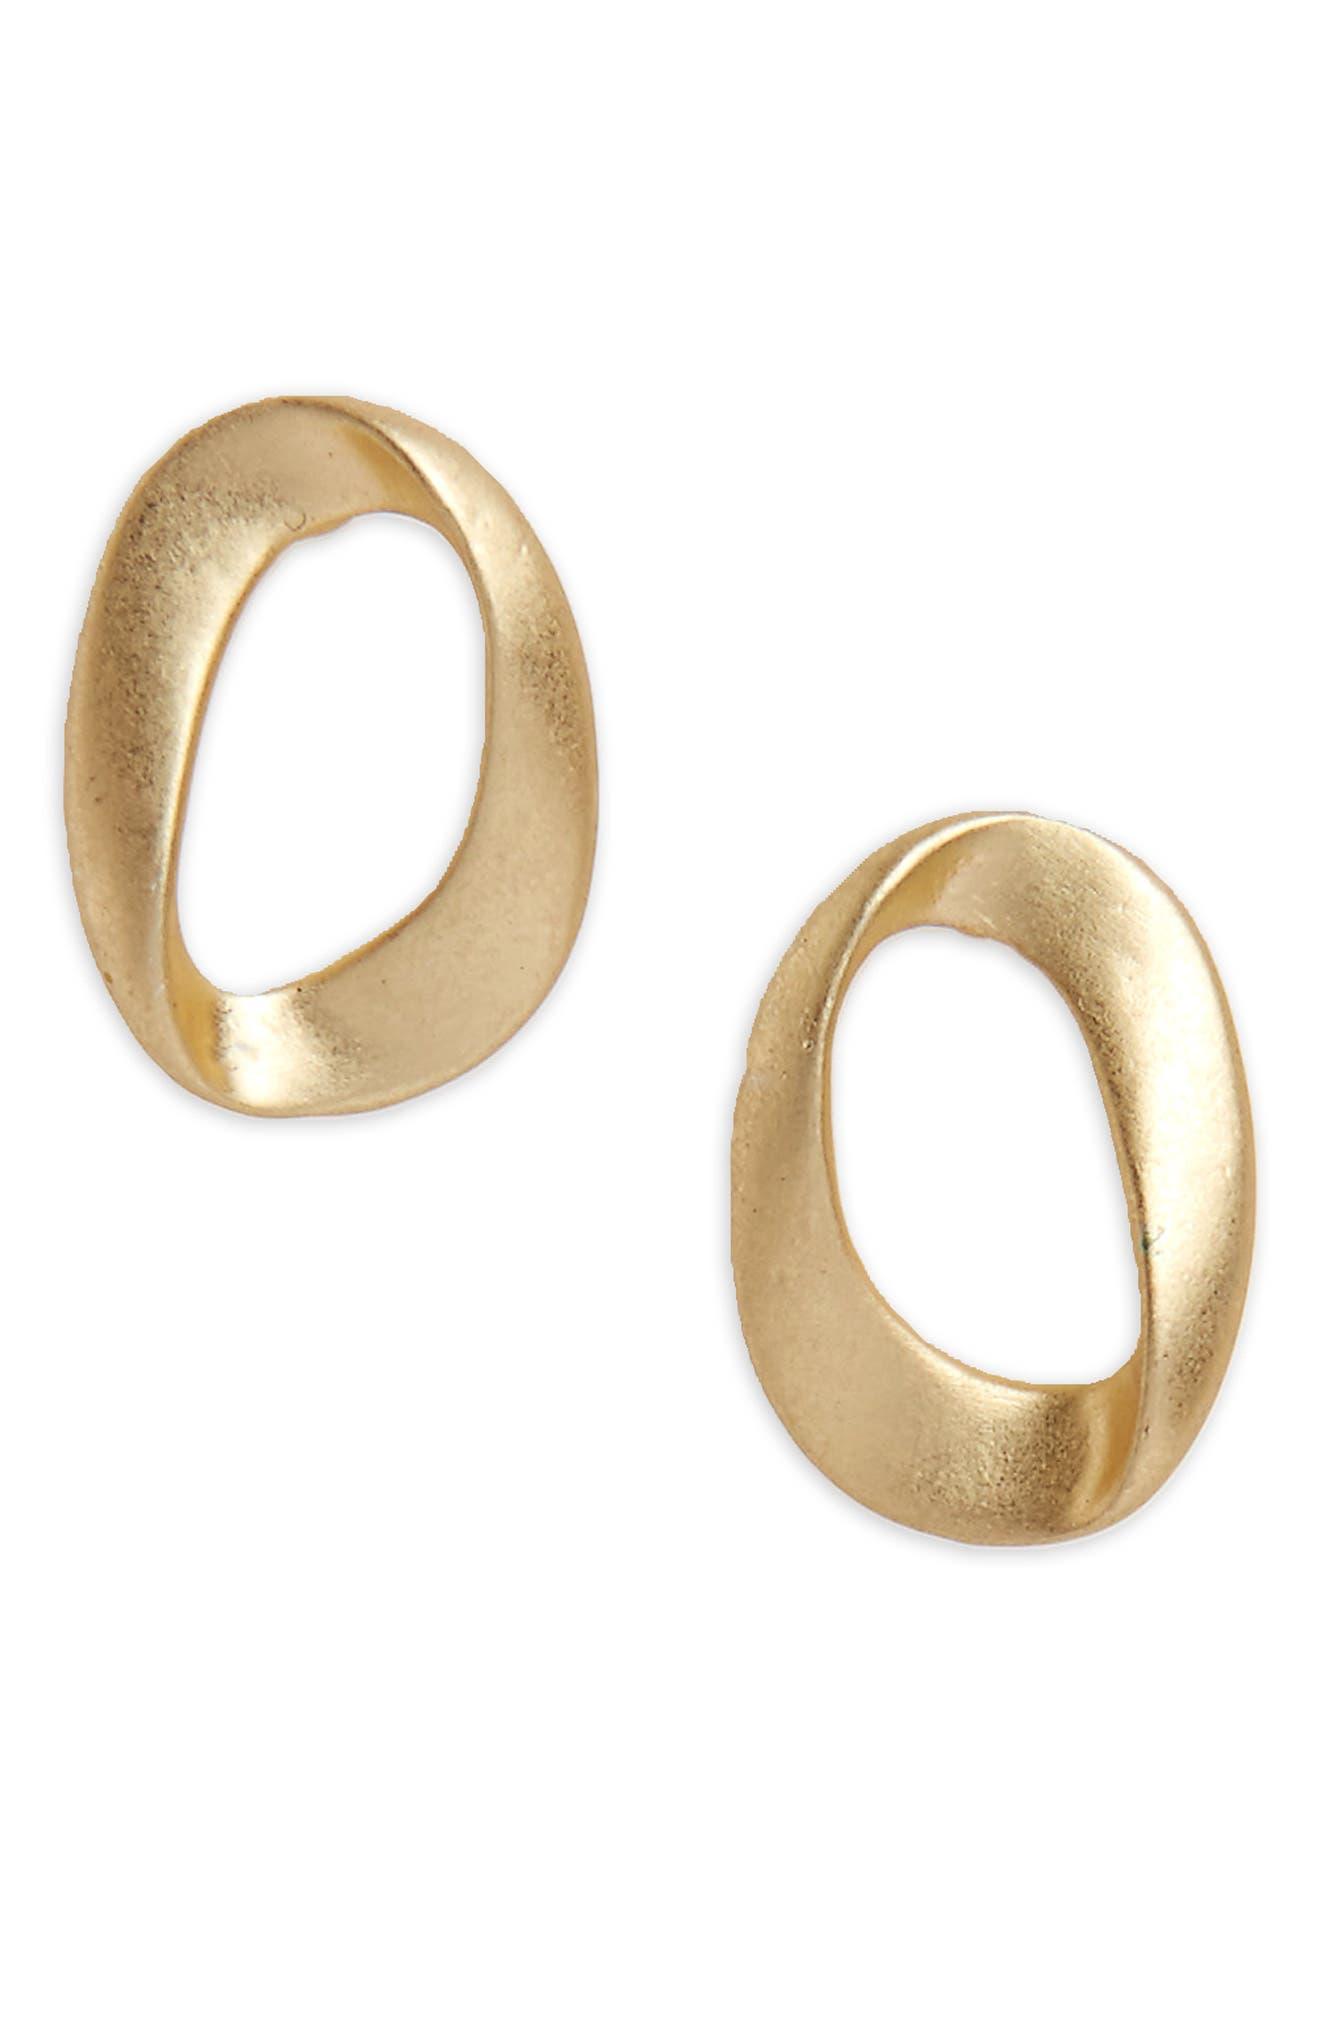 Brushed Loop Stud Earrings,                         Main,                         color, Worn Gold